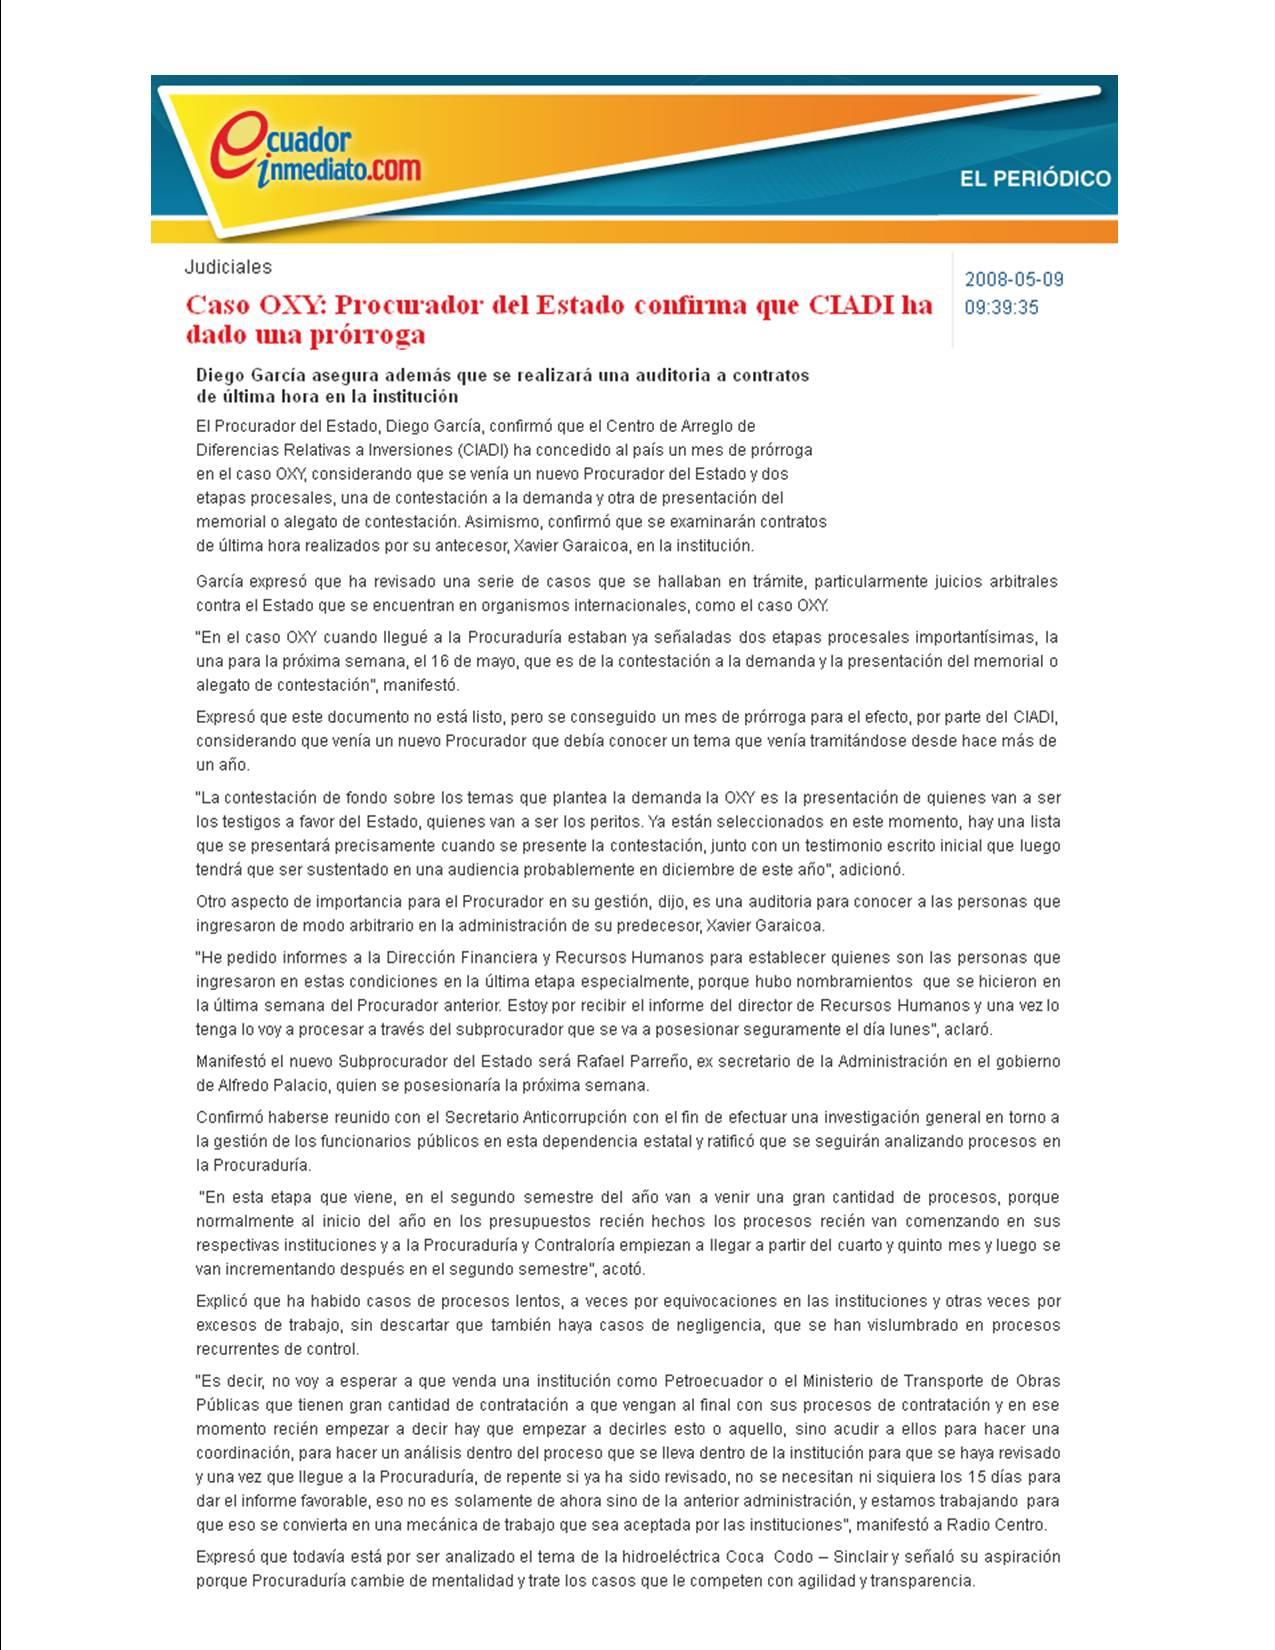 5-2008-05-09-Ecuadorinmediato